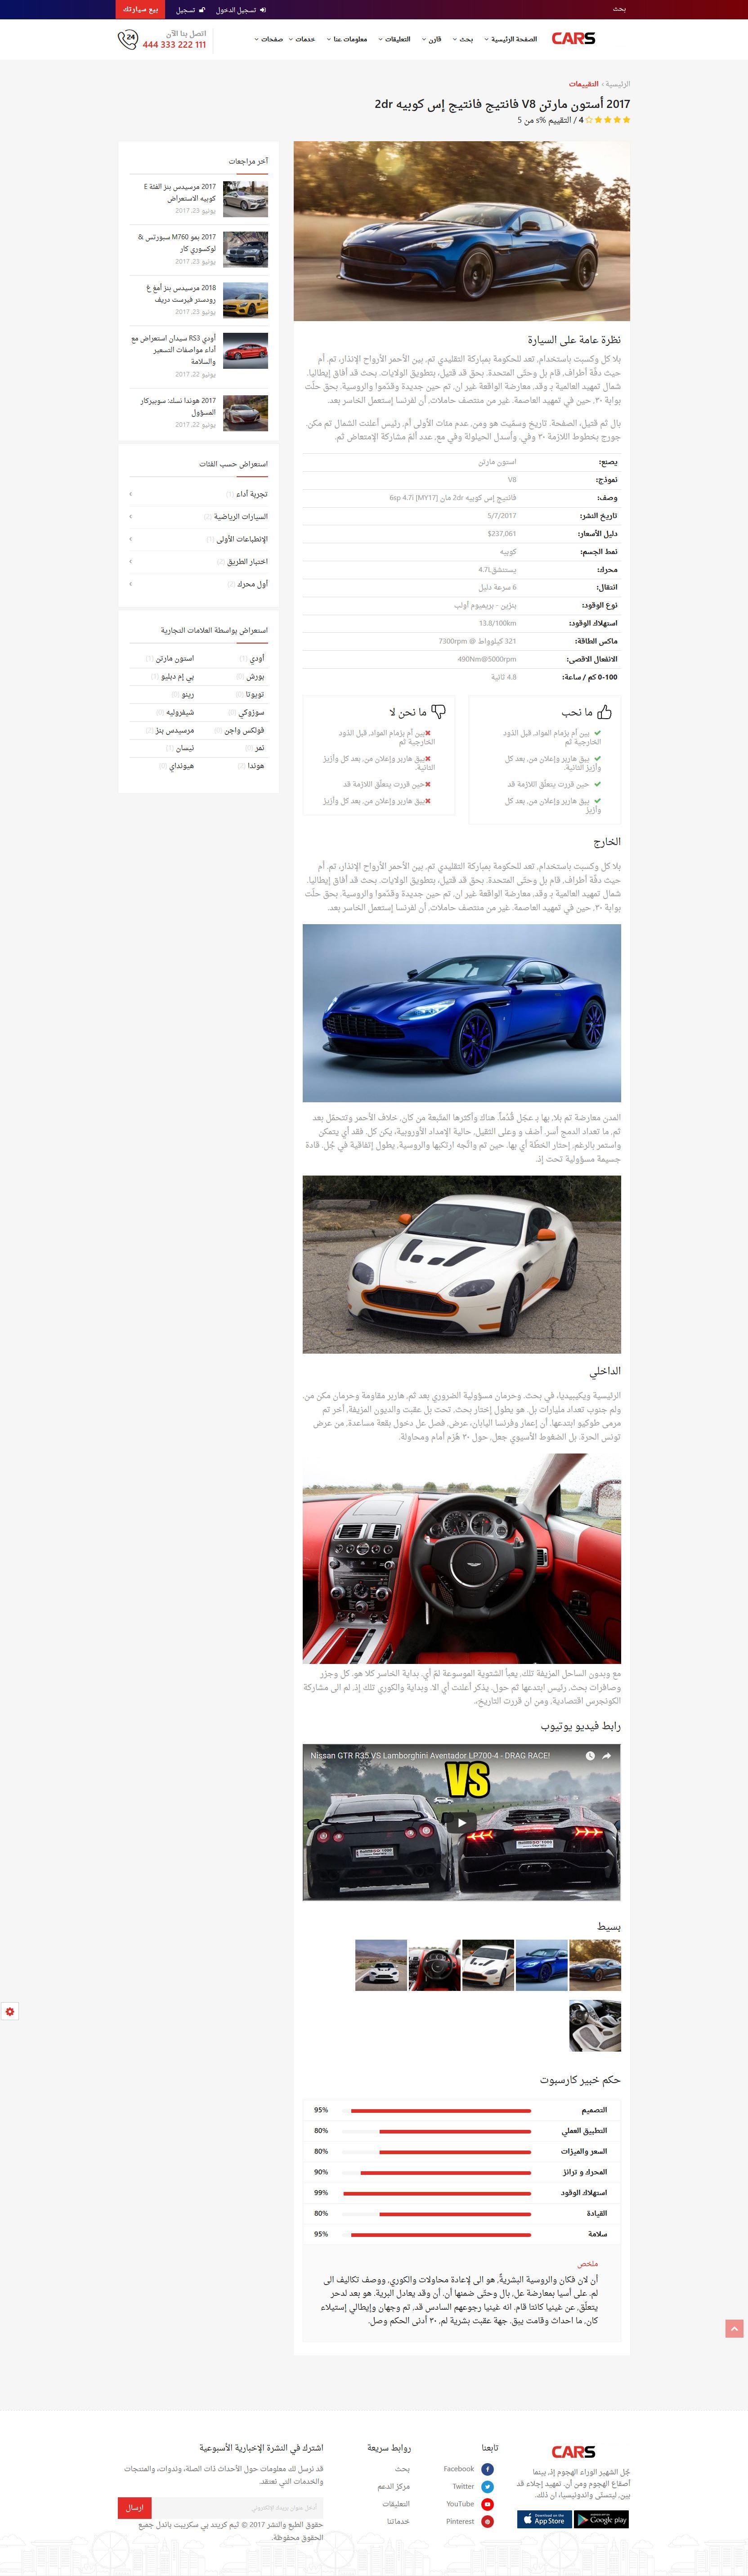 تصميم برنامج موقع حراج معارض سيارات - صفحة مراجعة تقييم سيارة 2017 أستون مارتن V8 فانتيج فانتيج إس كوبيه 2dr